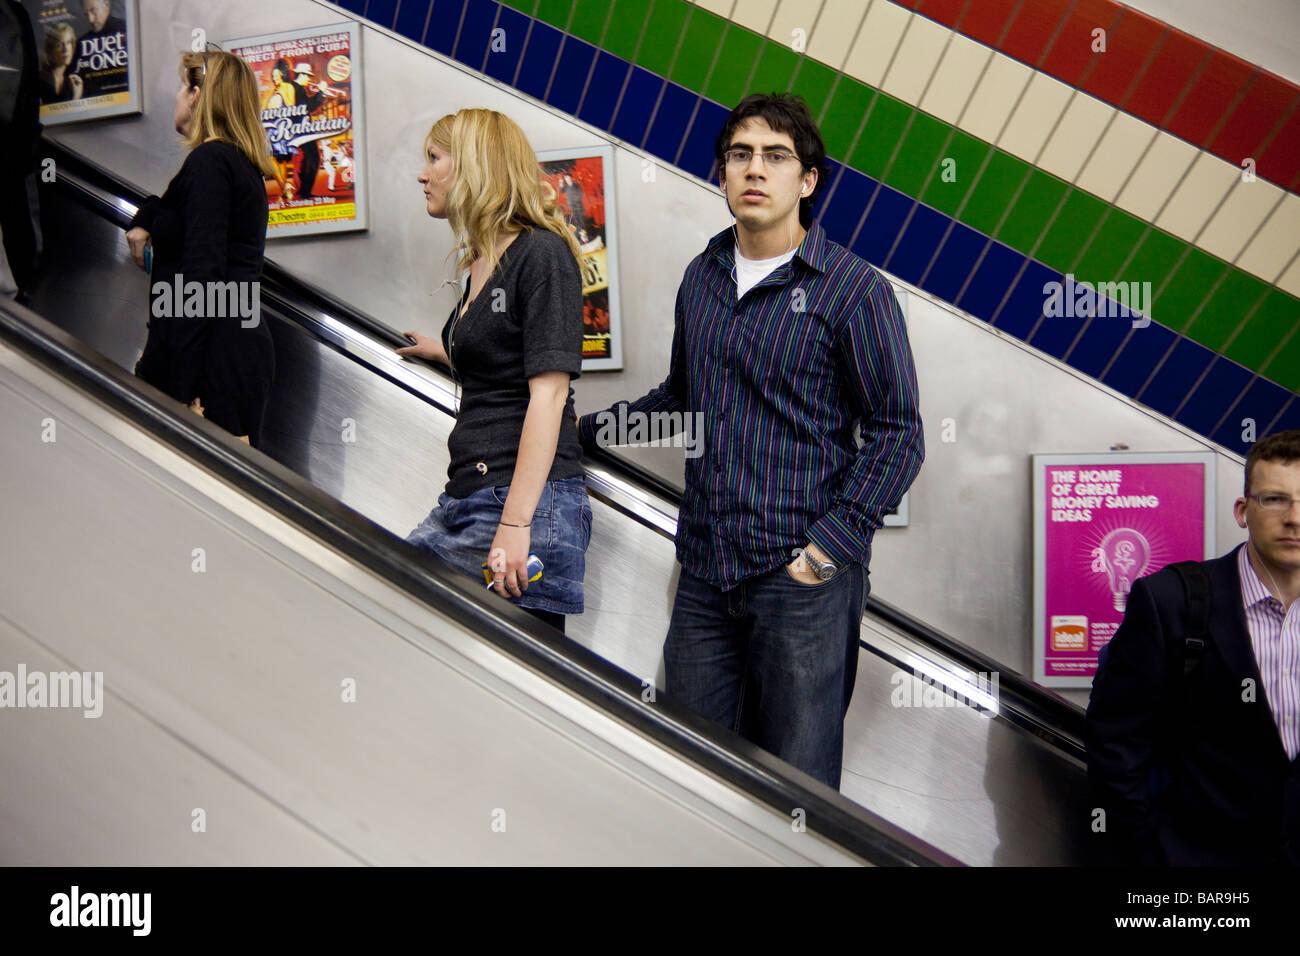 commuters on escalators, London Underground, London, England, UK - Stock Image